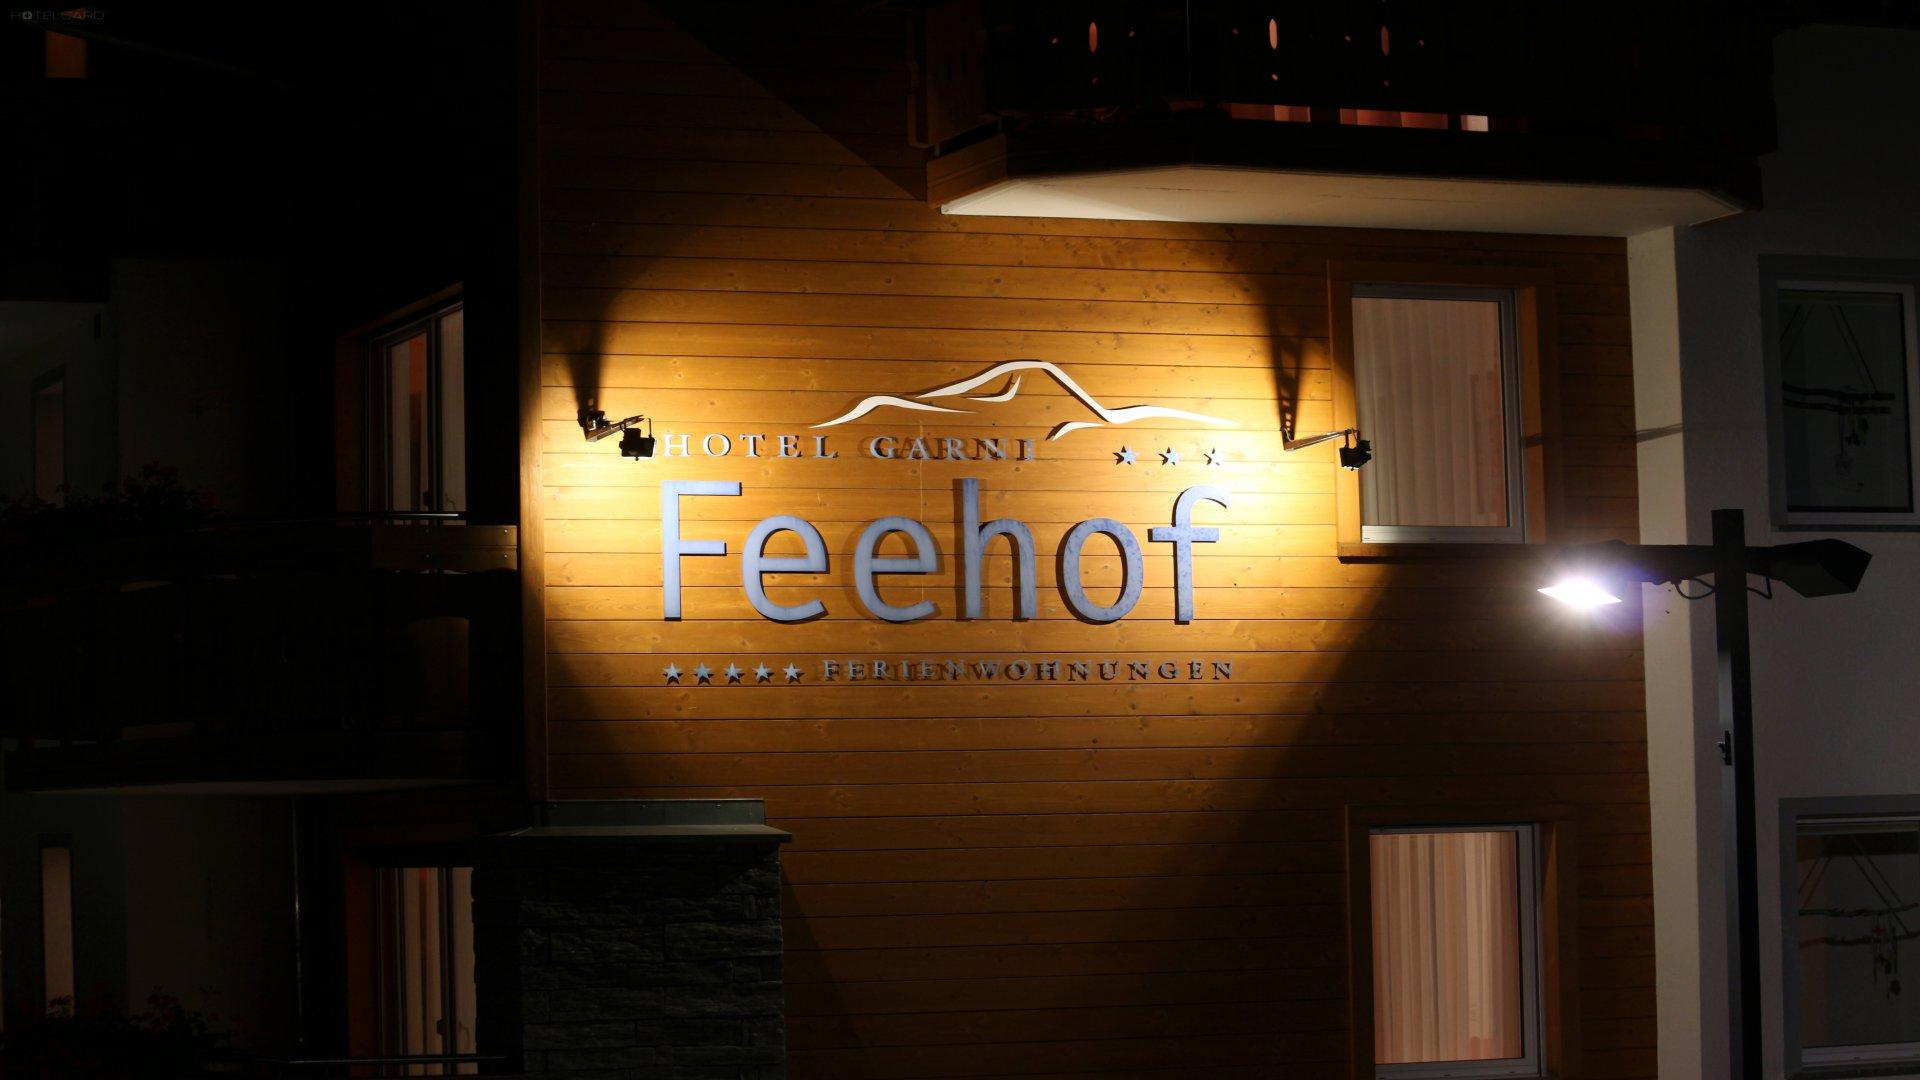 Hotel Garni Feehof 2